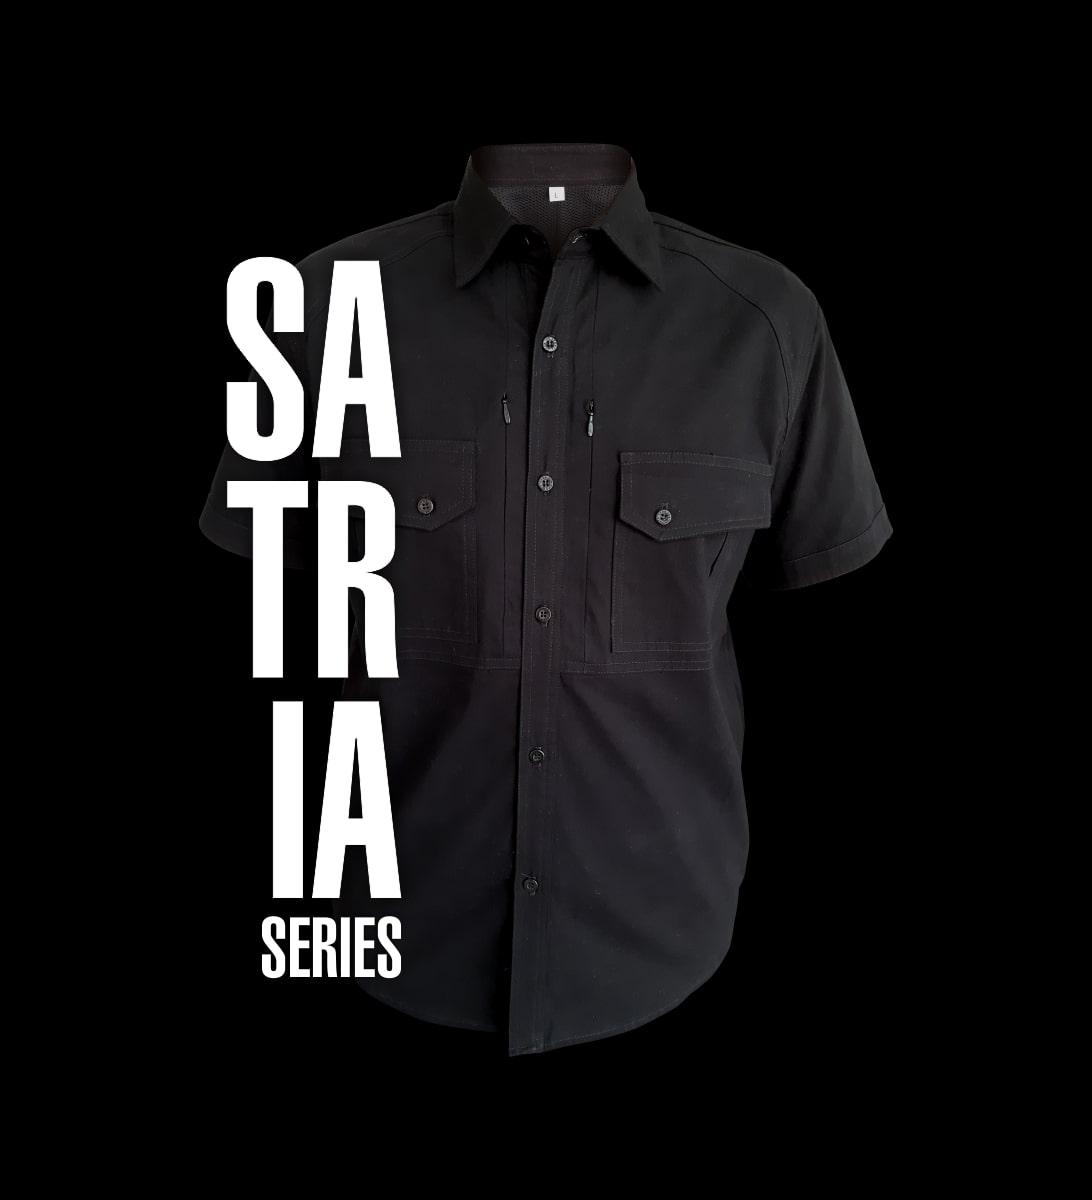 Baju Tactical Satria Series